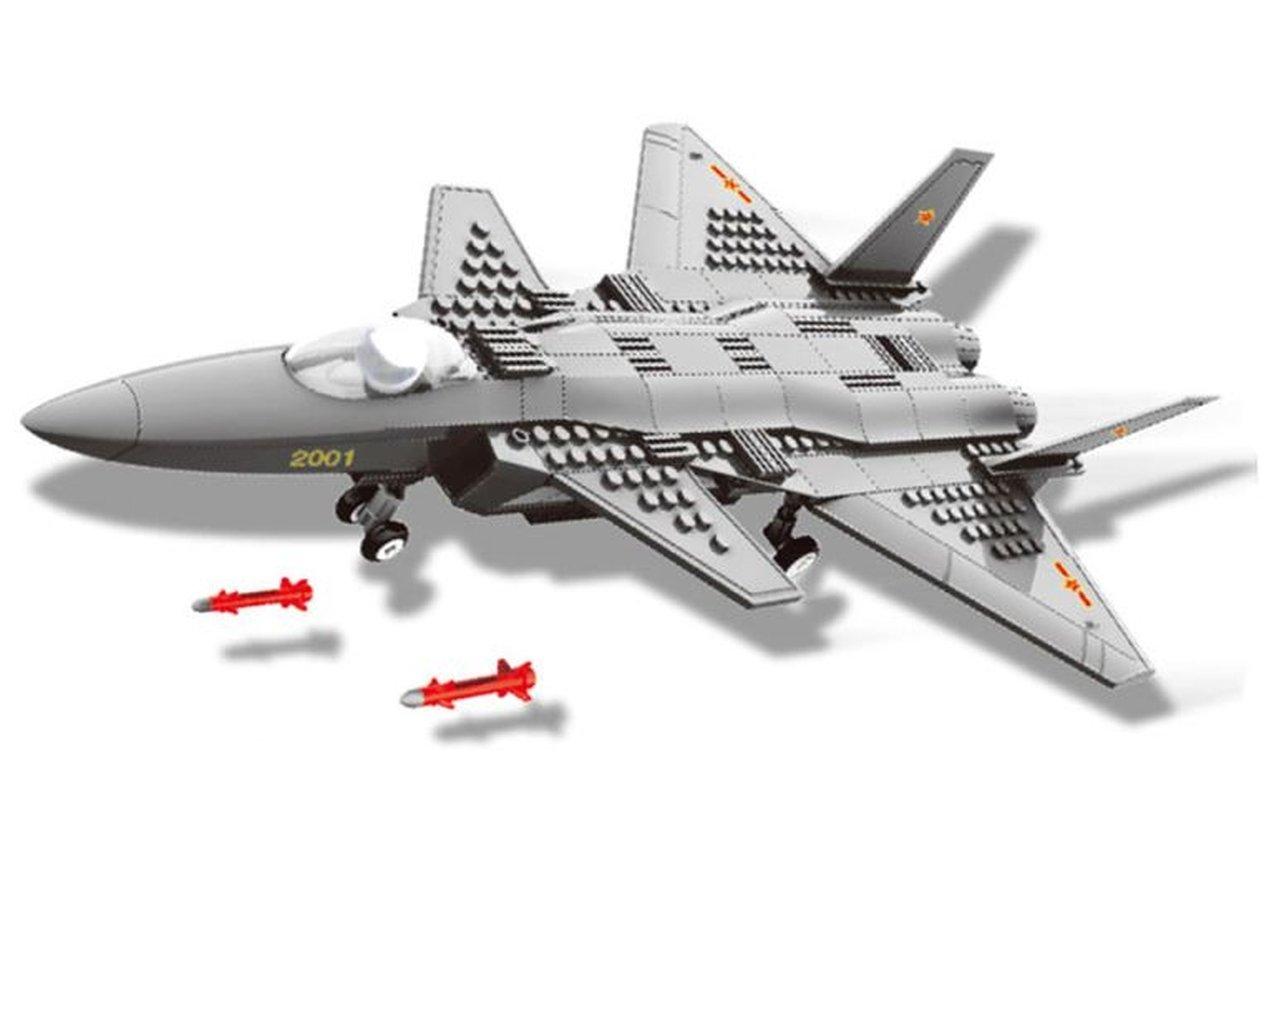 Wange Modellino di F15 Eagle Aeromodellismo 1:48. Modello di Aereo da Caccia tattico bimotore da assemblare con Blocchi